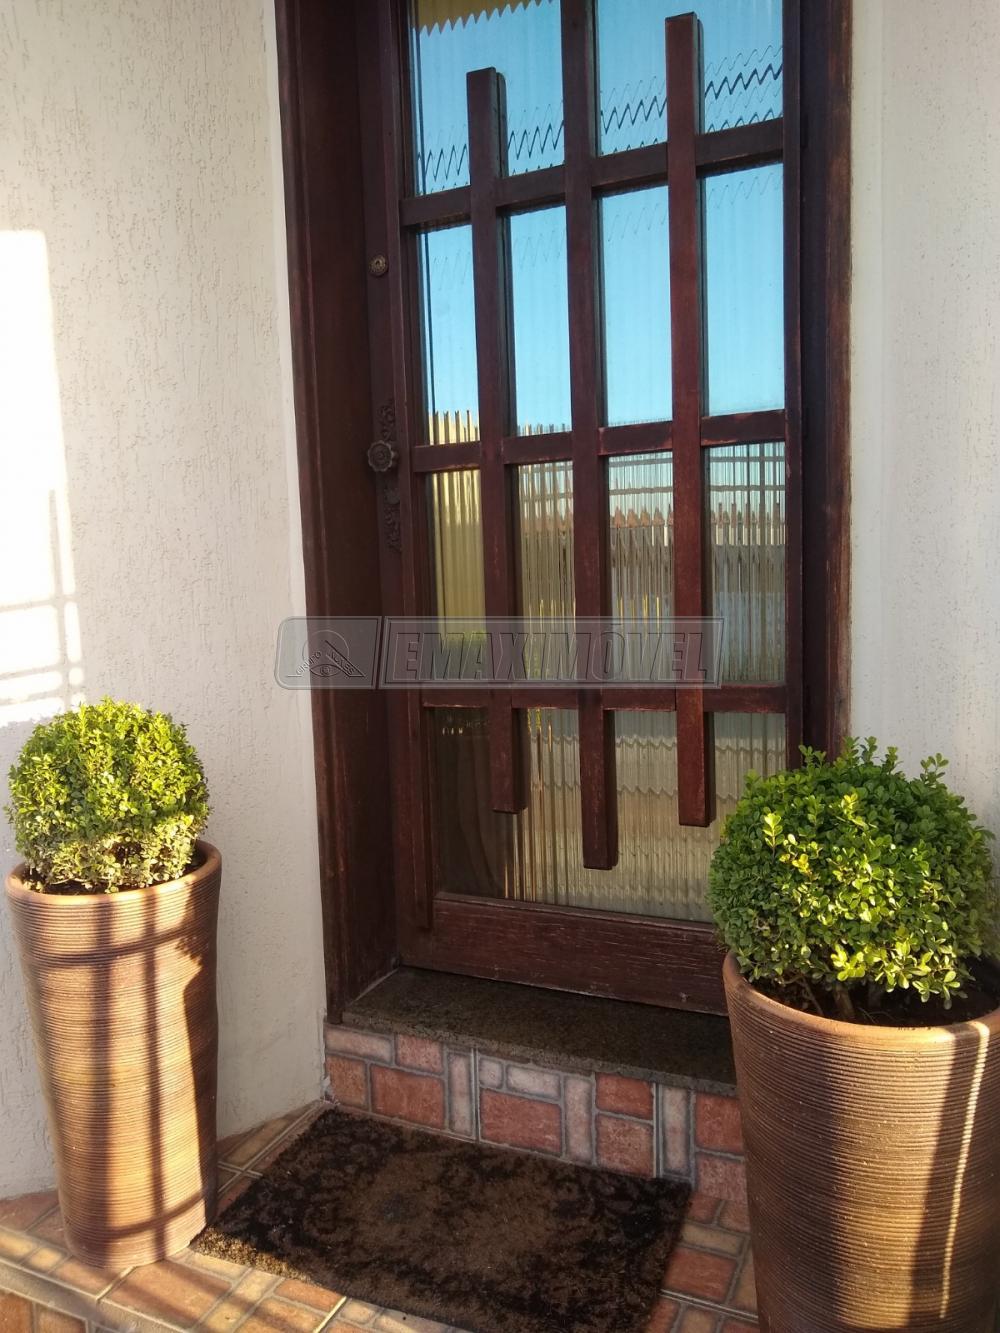 Comprar Casas / em Bairros em Sorocaba apenas R$ 550.000,00 - Foto 24